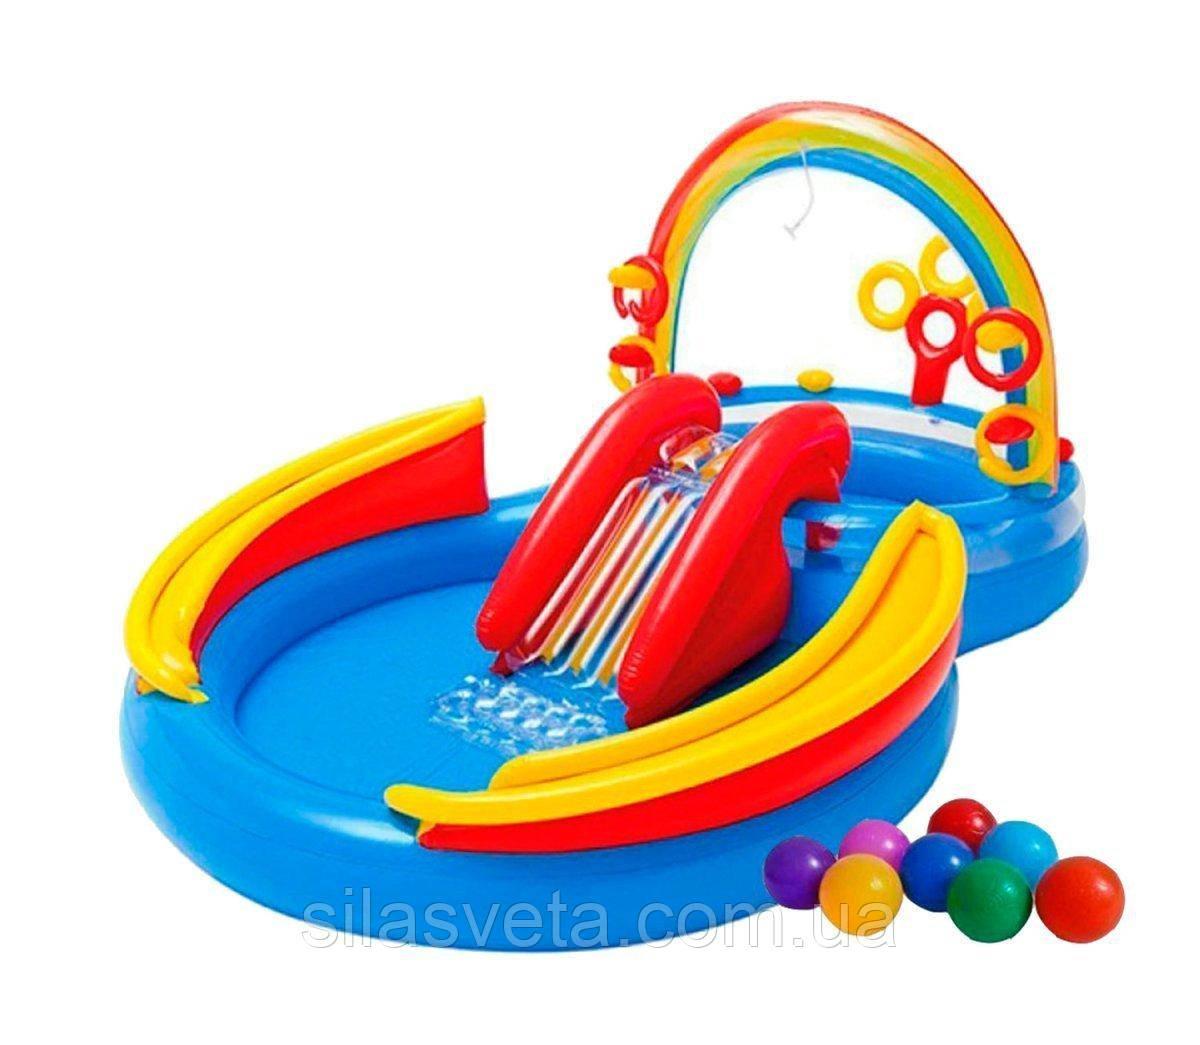 """Надувной детский игровой центр-бассейн с 16 шариками Intex 57453-1""""Радуга"""" с надувными кольцами, фонтаном и горкой 297 х 193 х 135 см Цветной"""